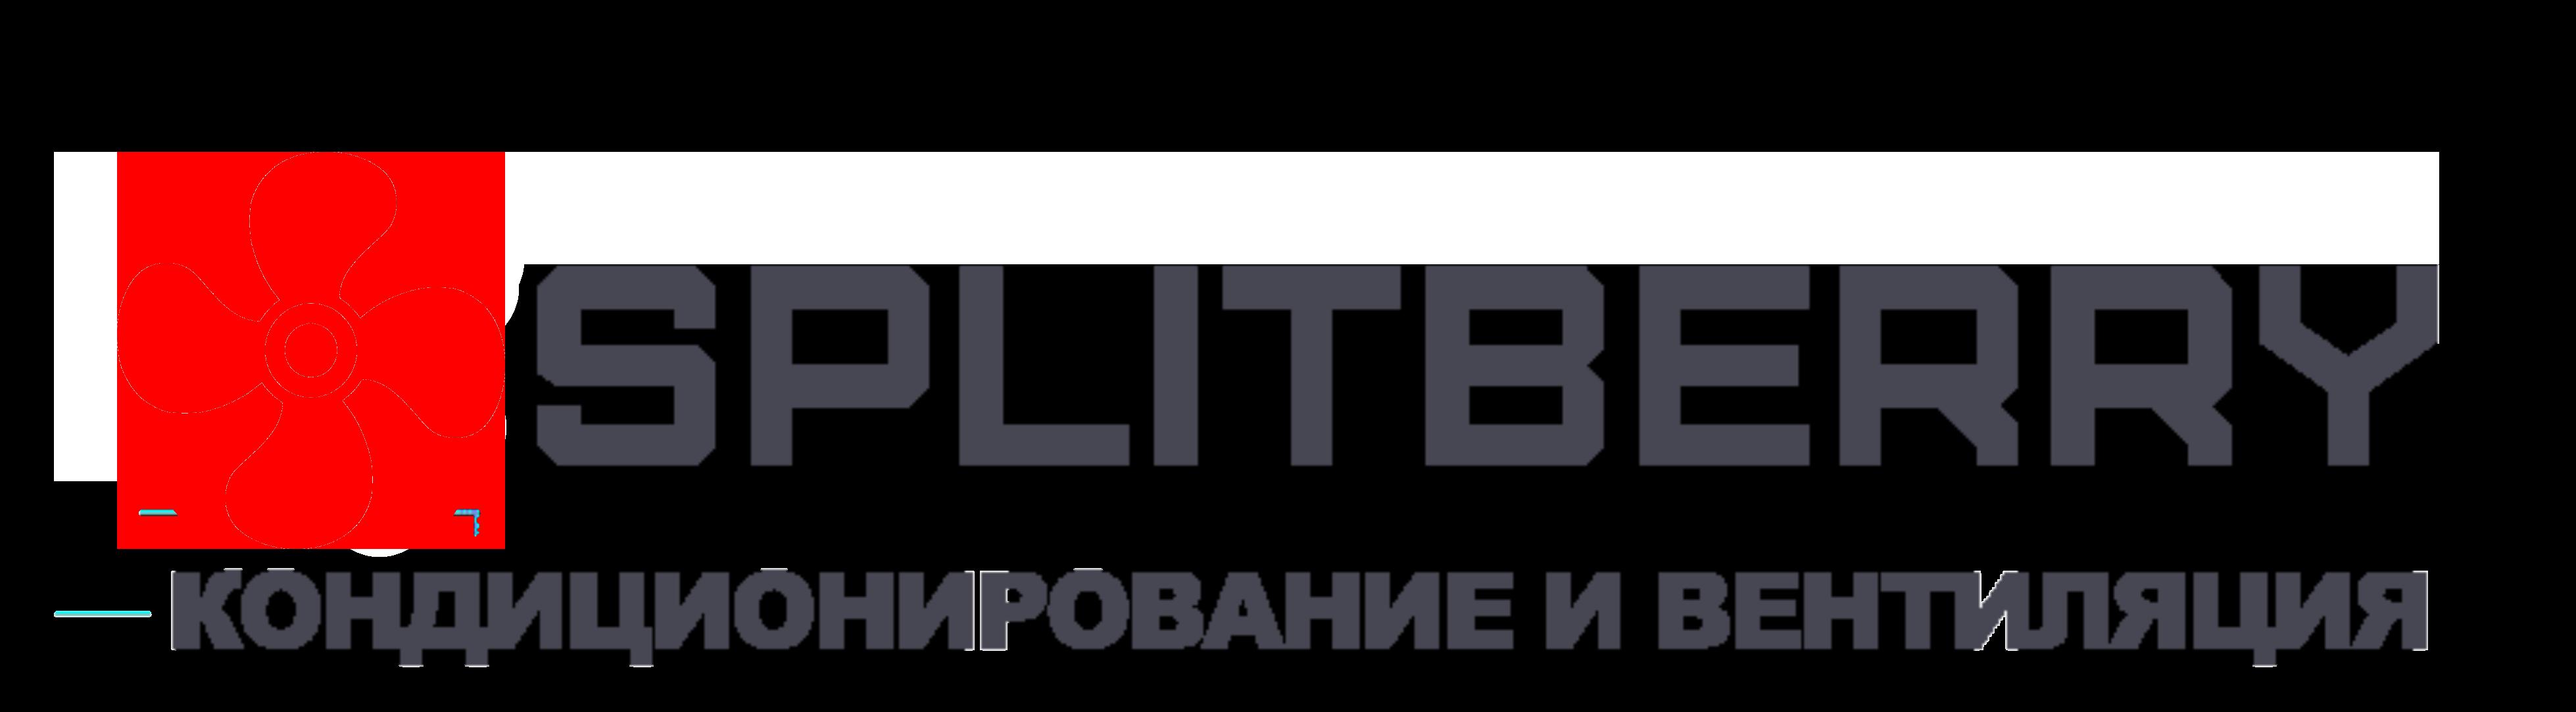 Splitberry - Купить кондиционер для дома и офиса